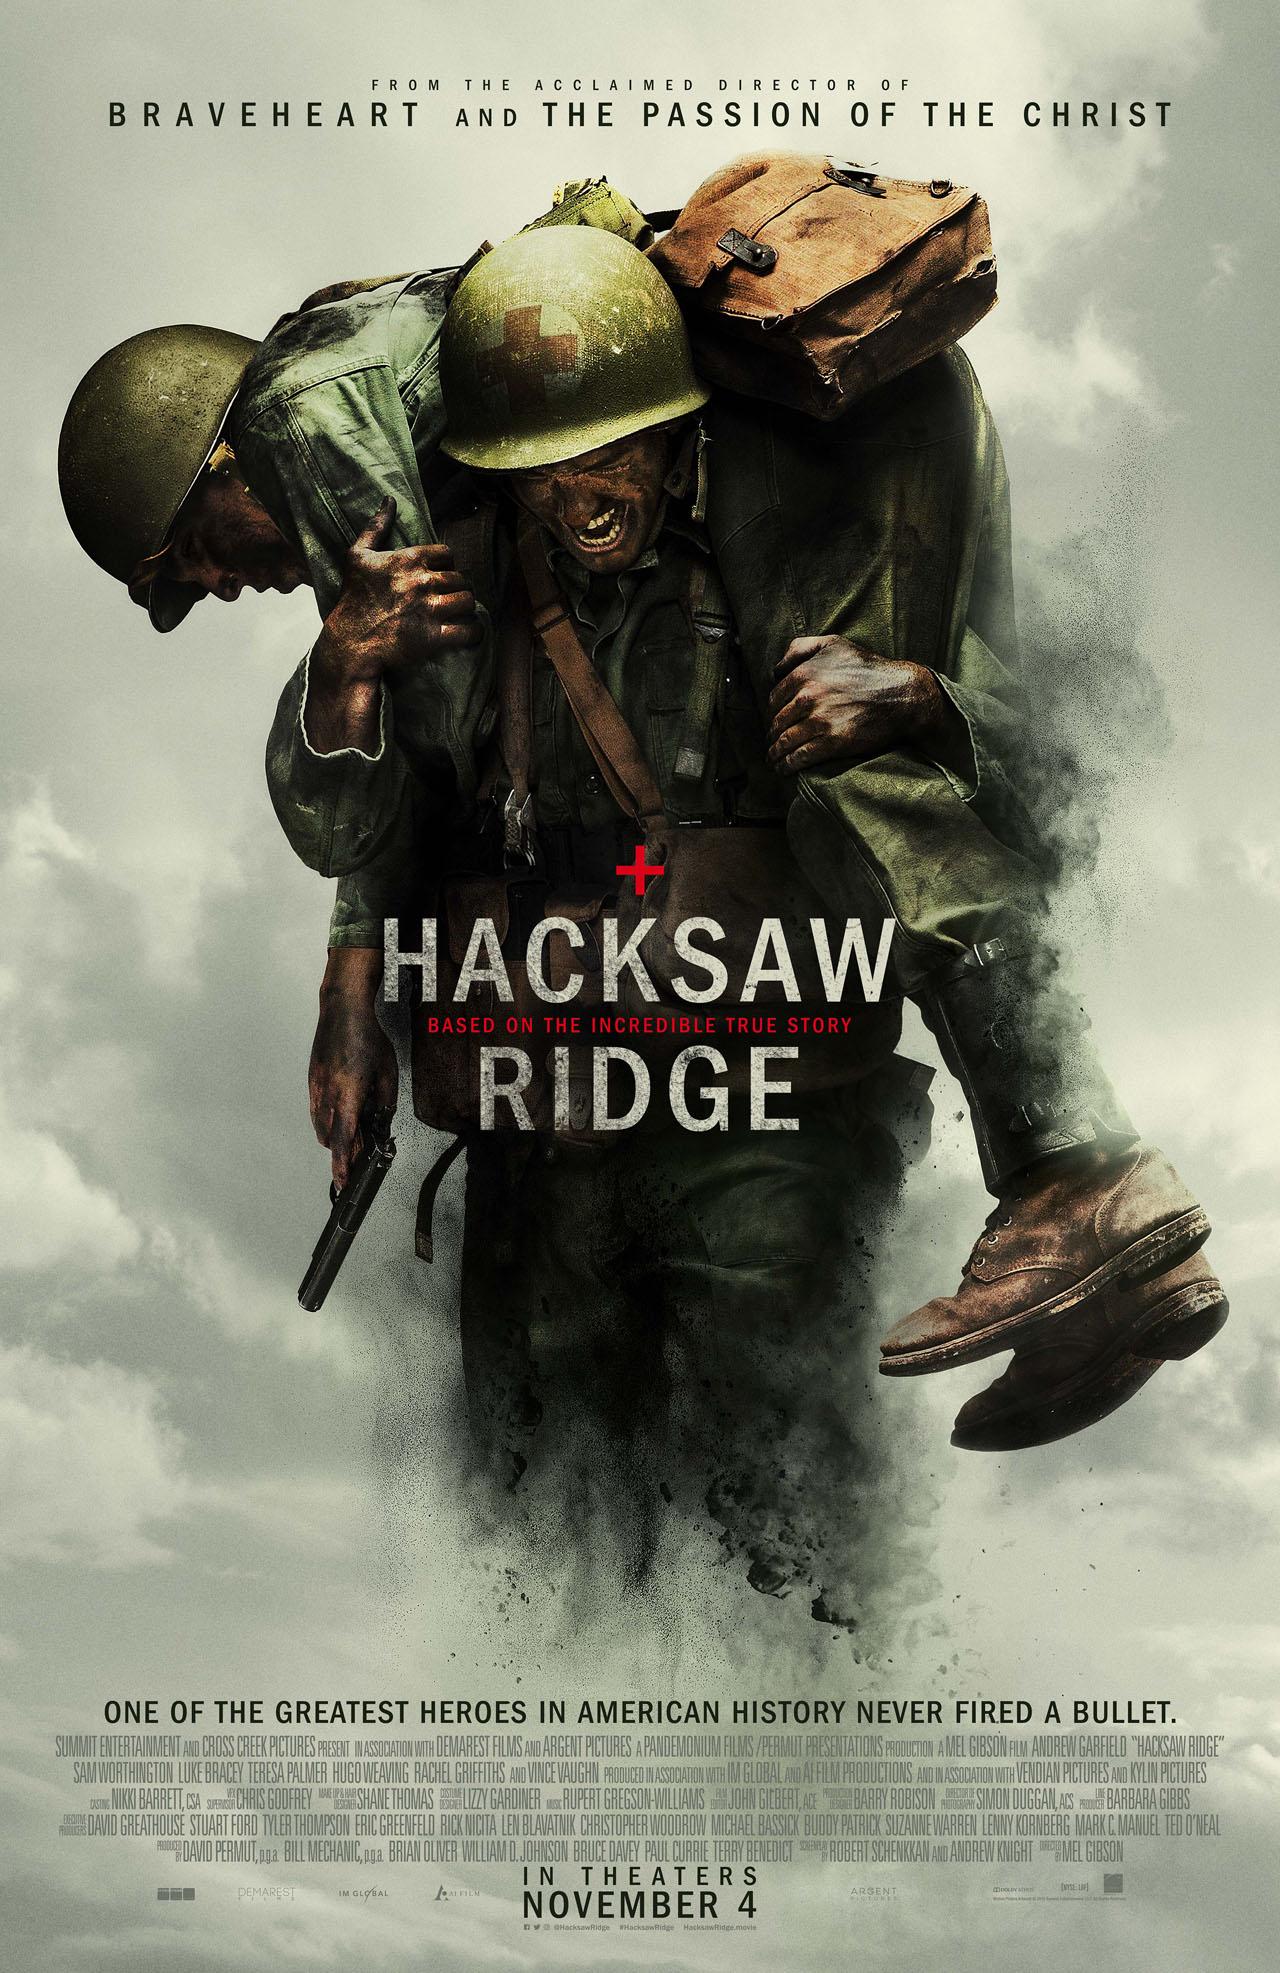 Hacksaw Ridges